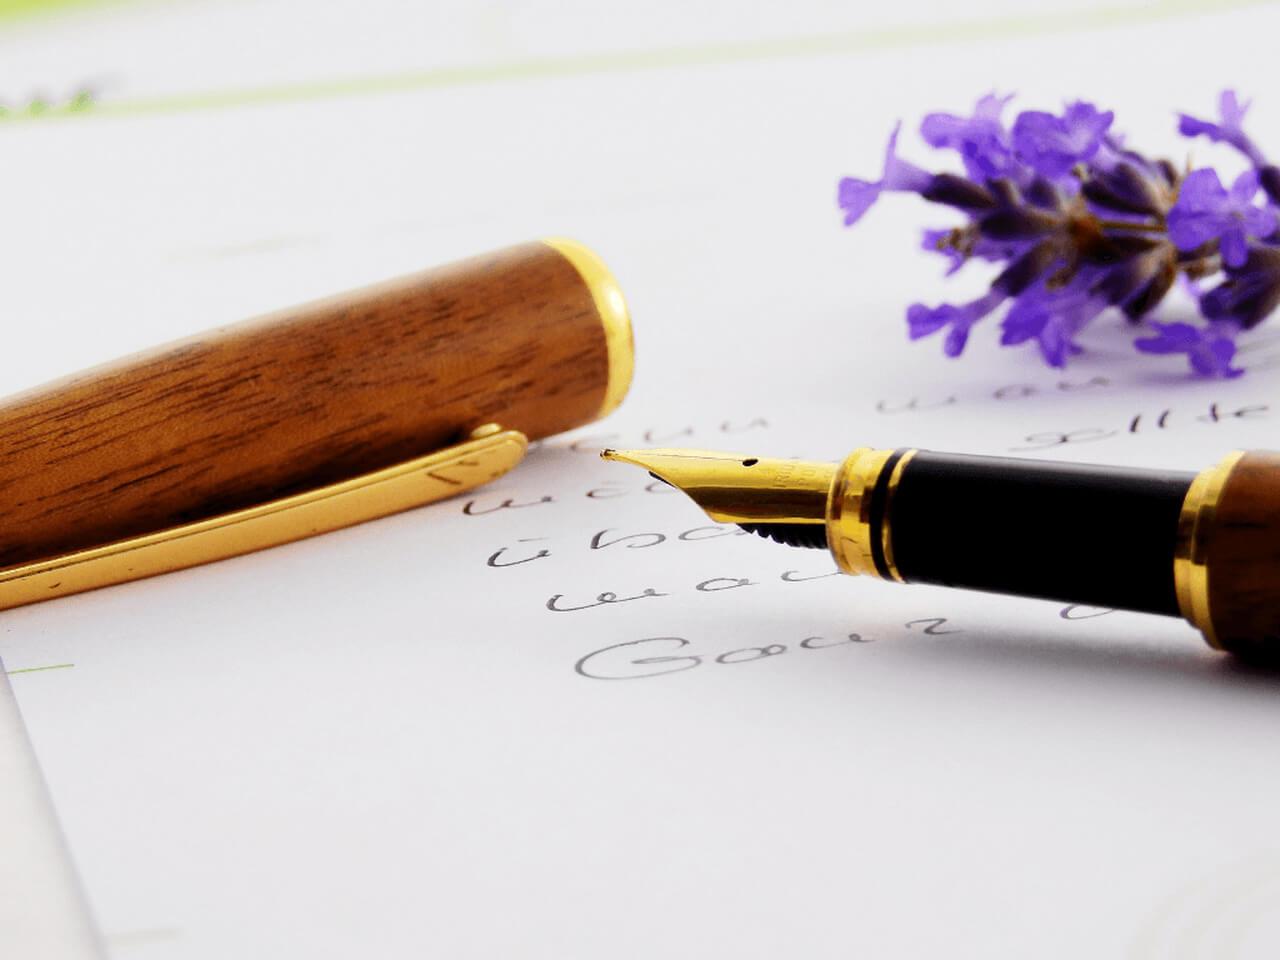 Kartka papieru a na niej pióro i kwiatek